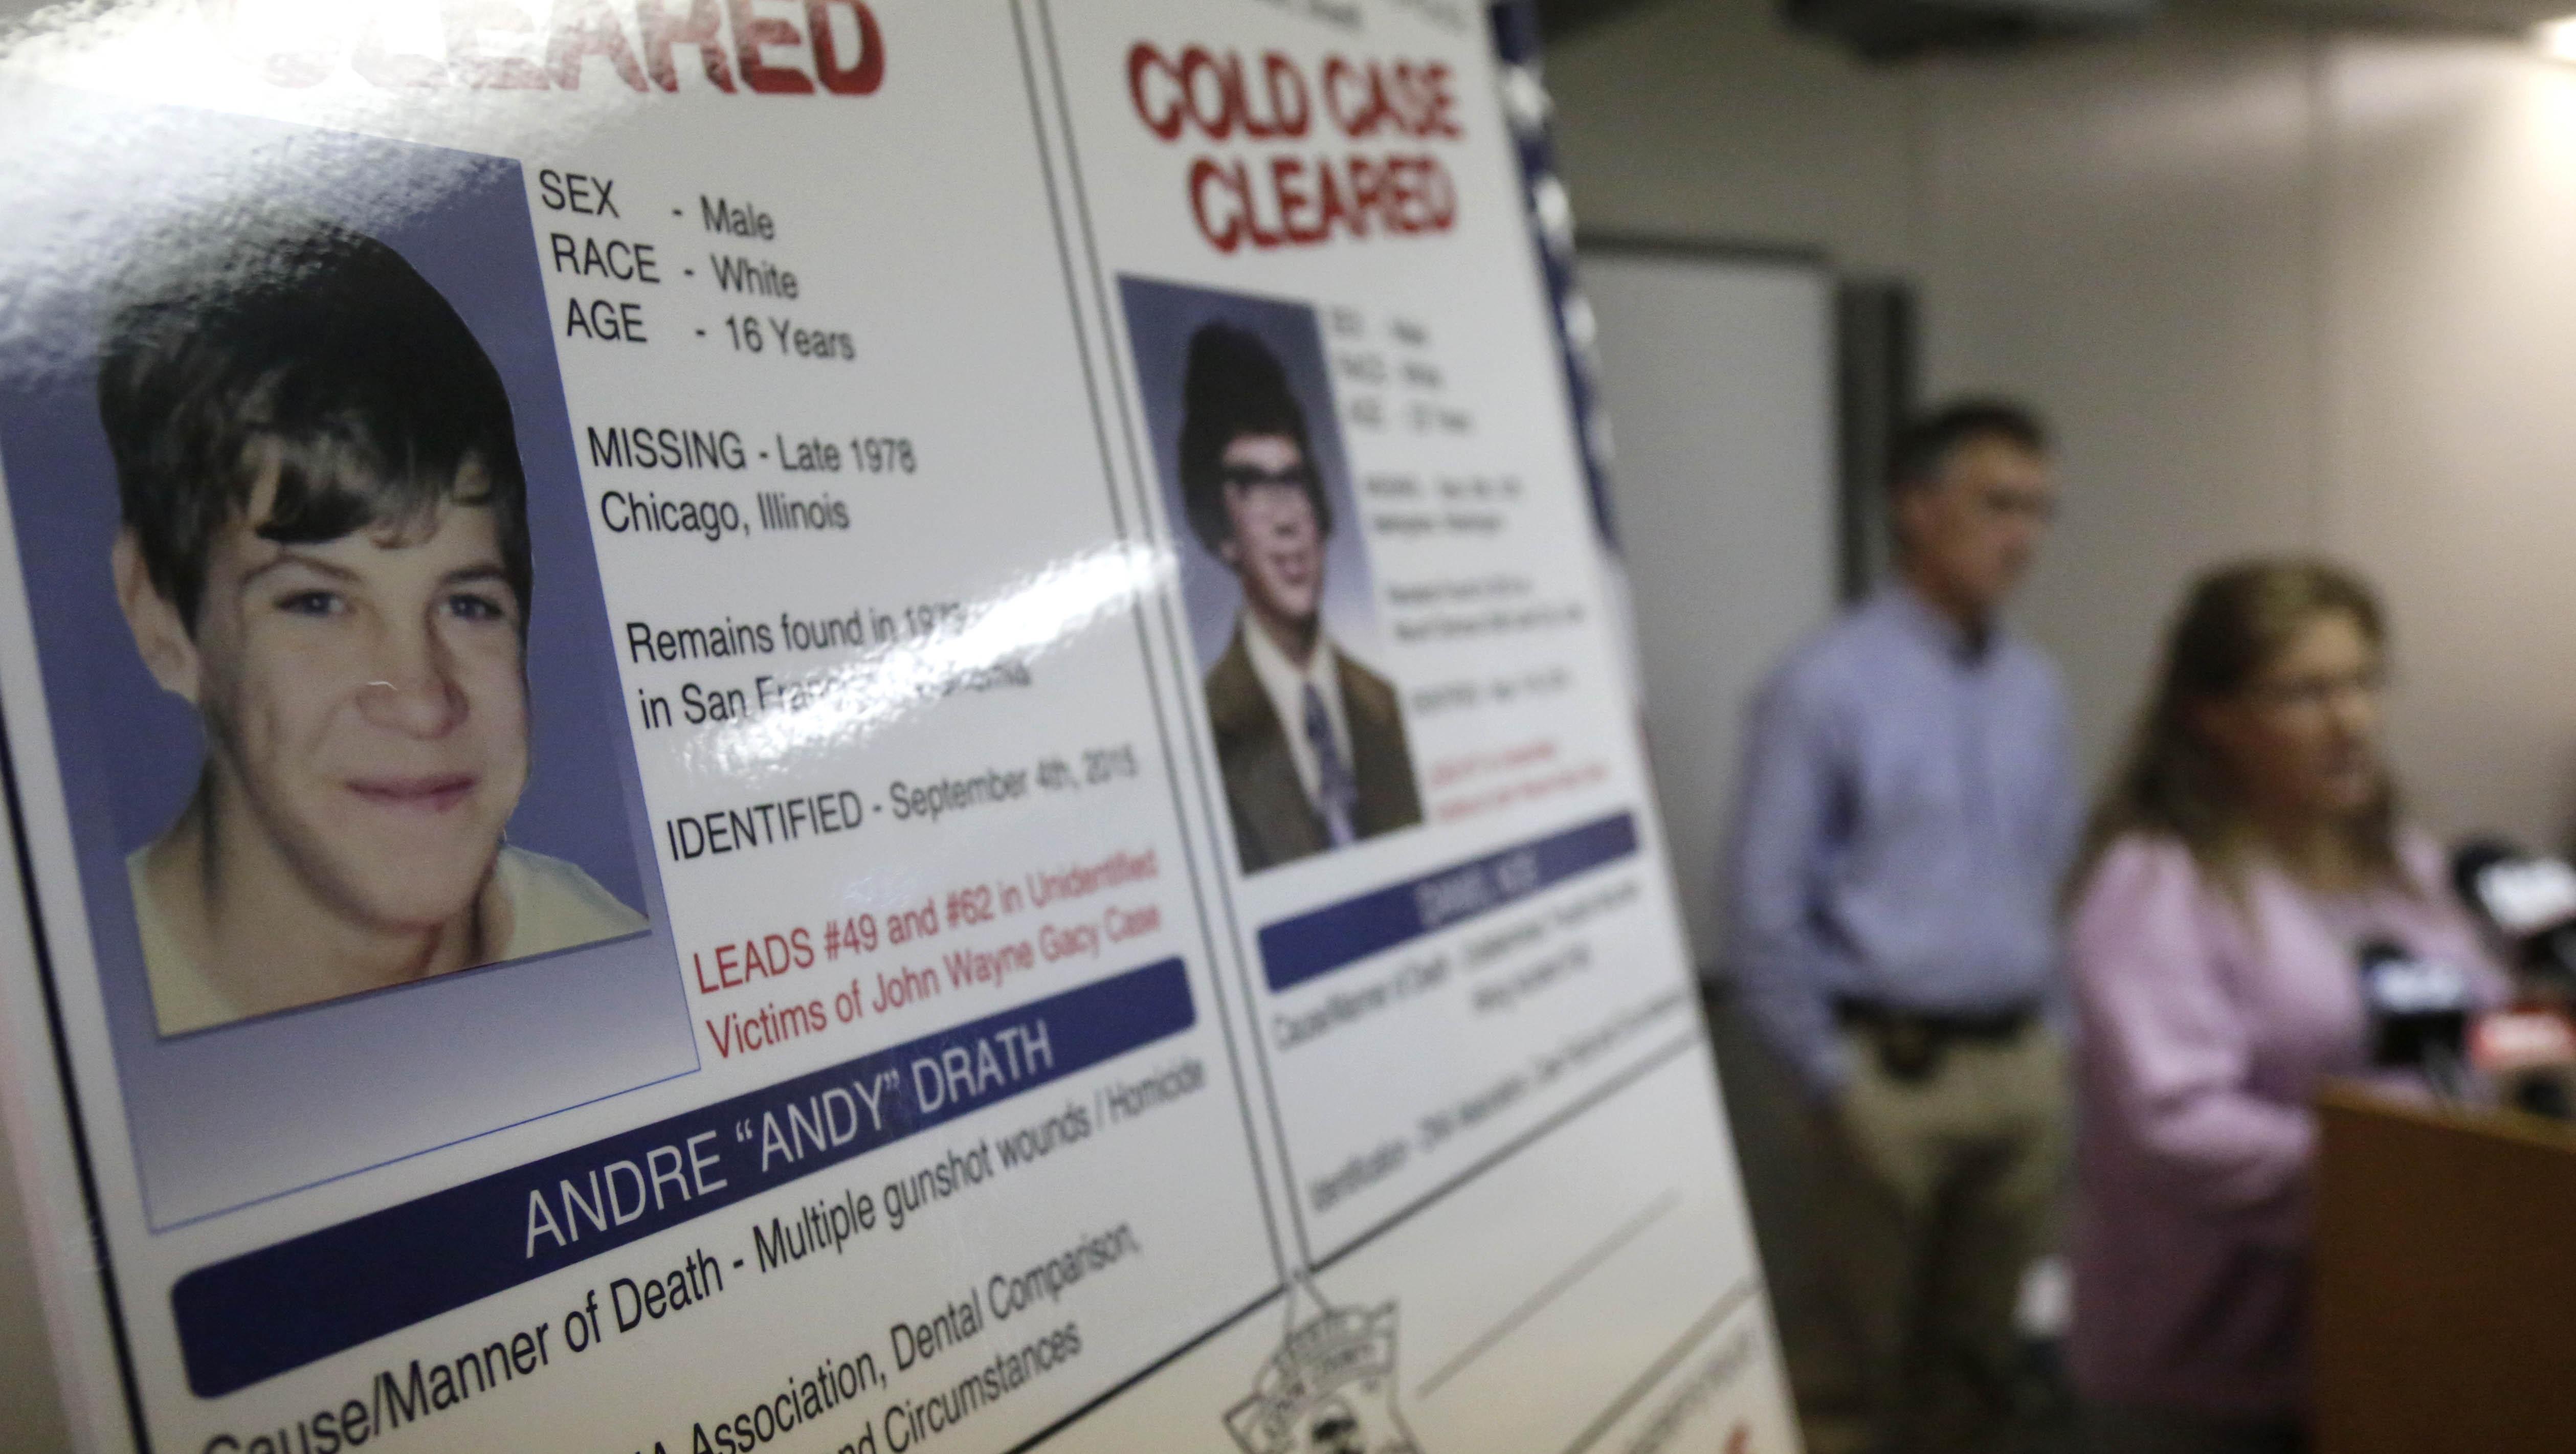 John Wayne Gacy exhumations help identify unrelated cold